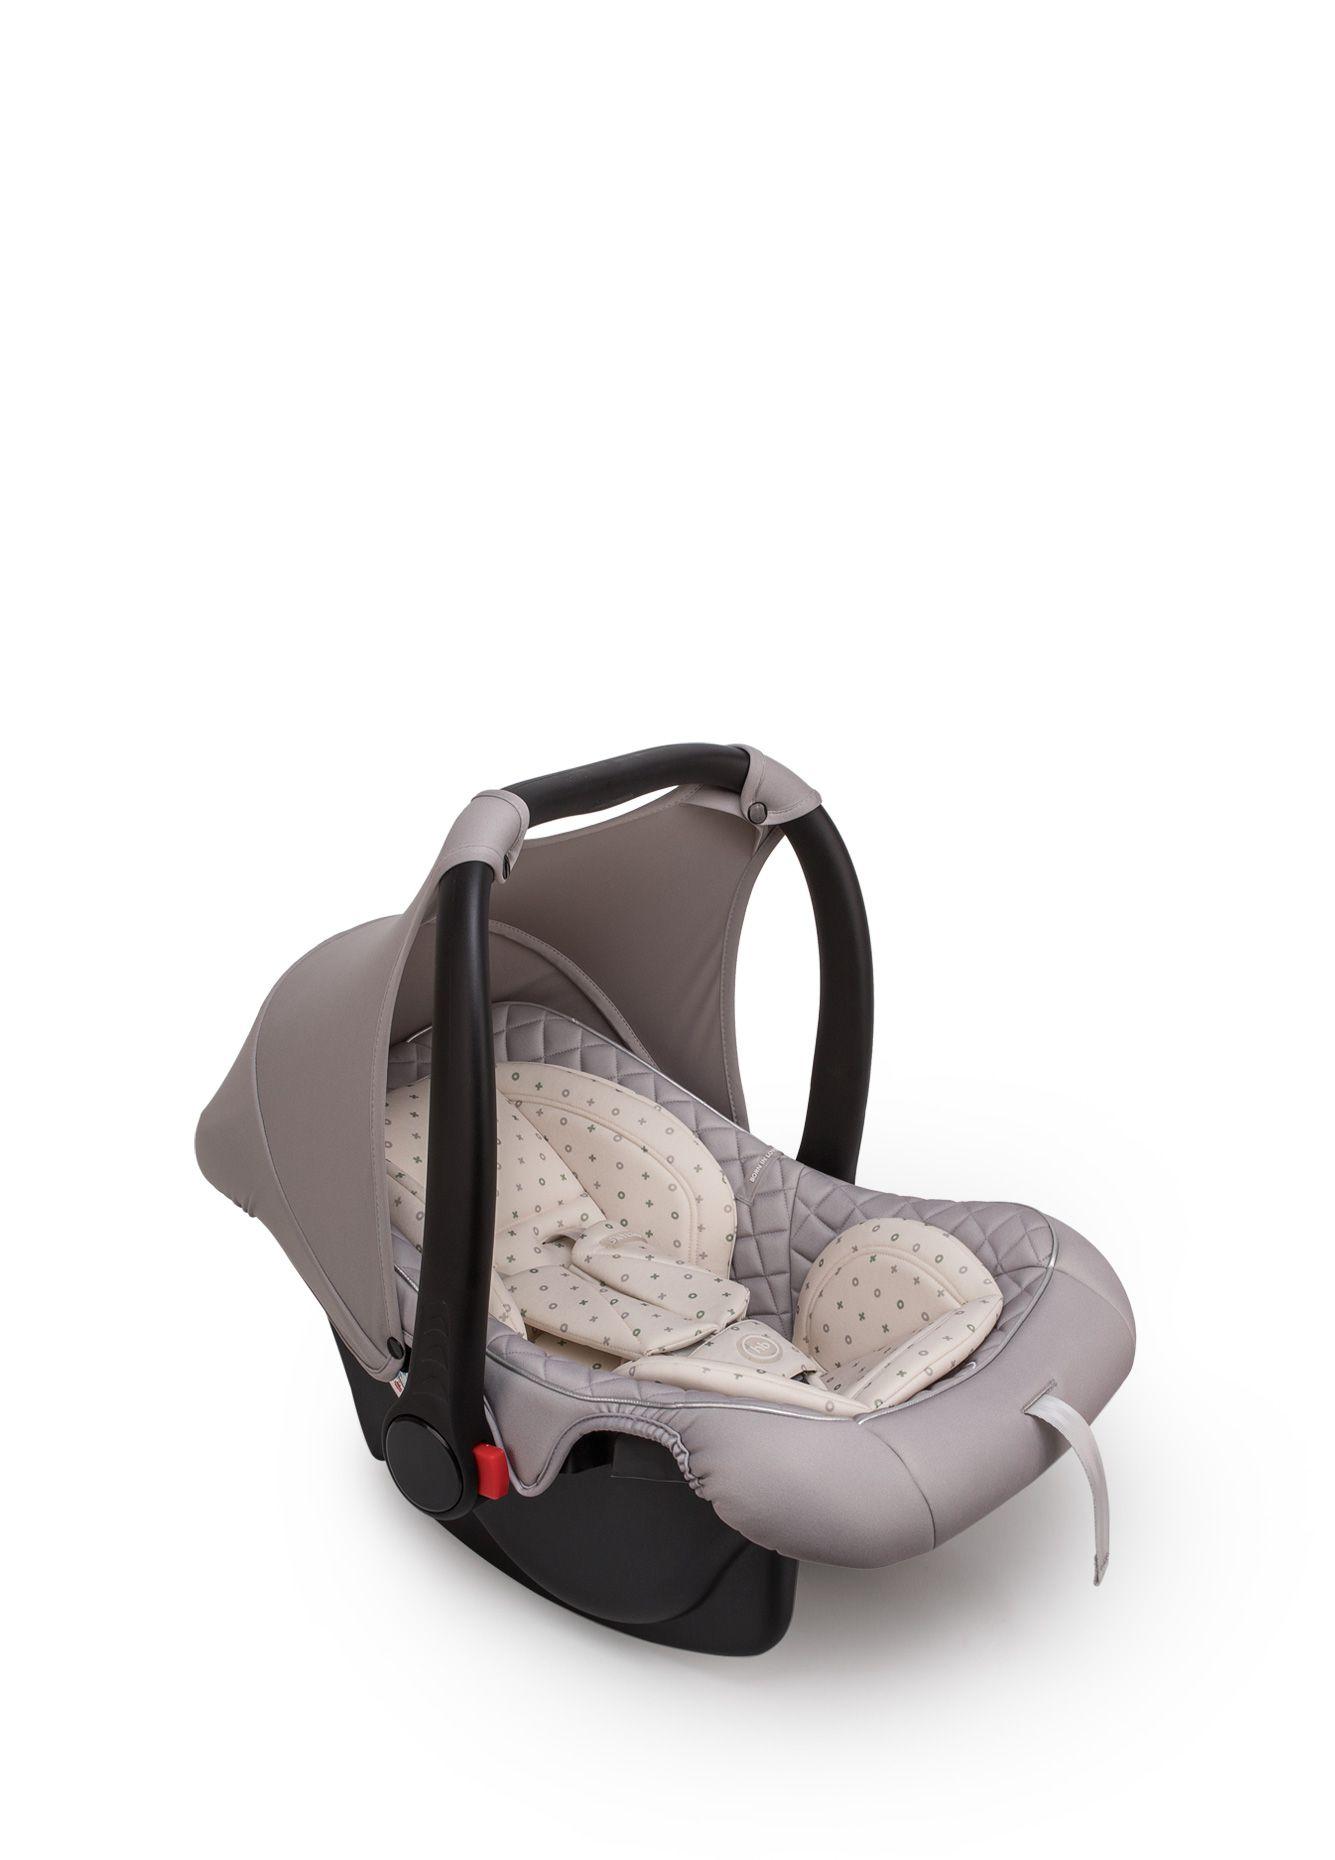 Автокресло Happy Baby SKYLER V2 люлька-переноска Stone